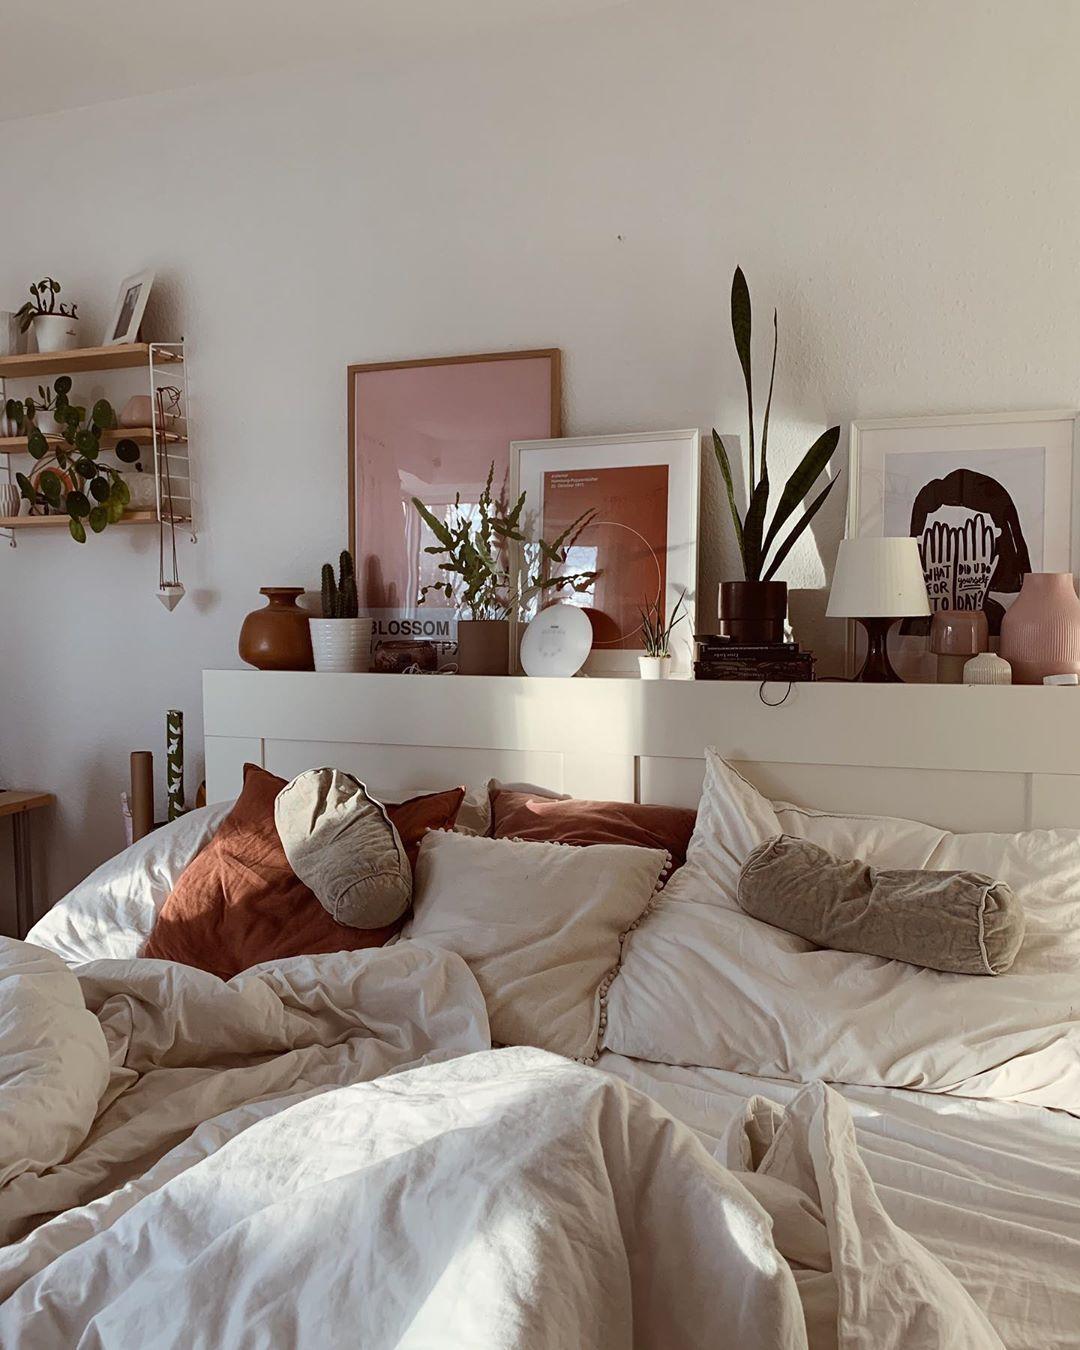 Photo of Besuchen Sie unsere Website für die neuesten Wohnkultur-Trends. homedecorideas